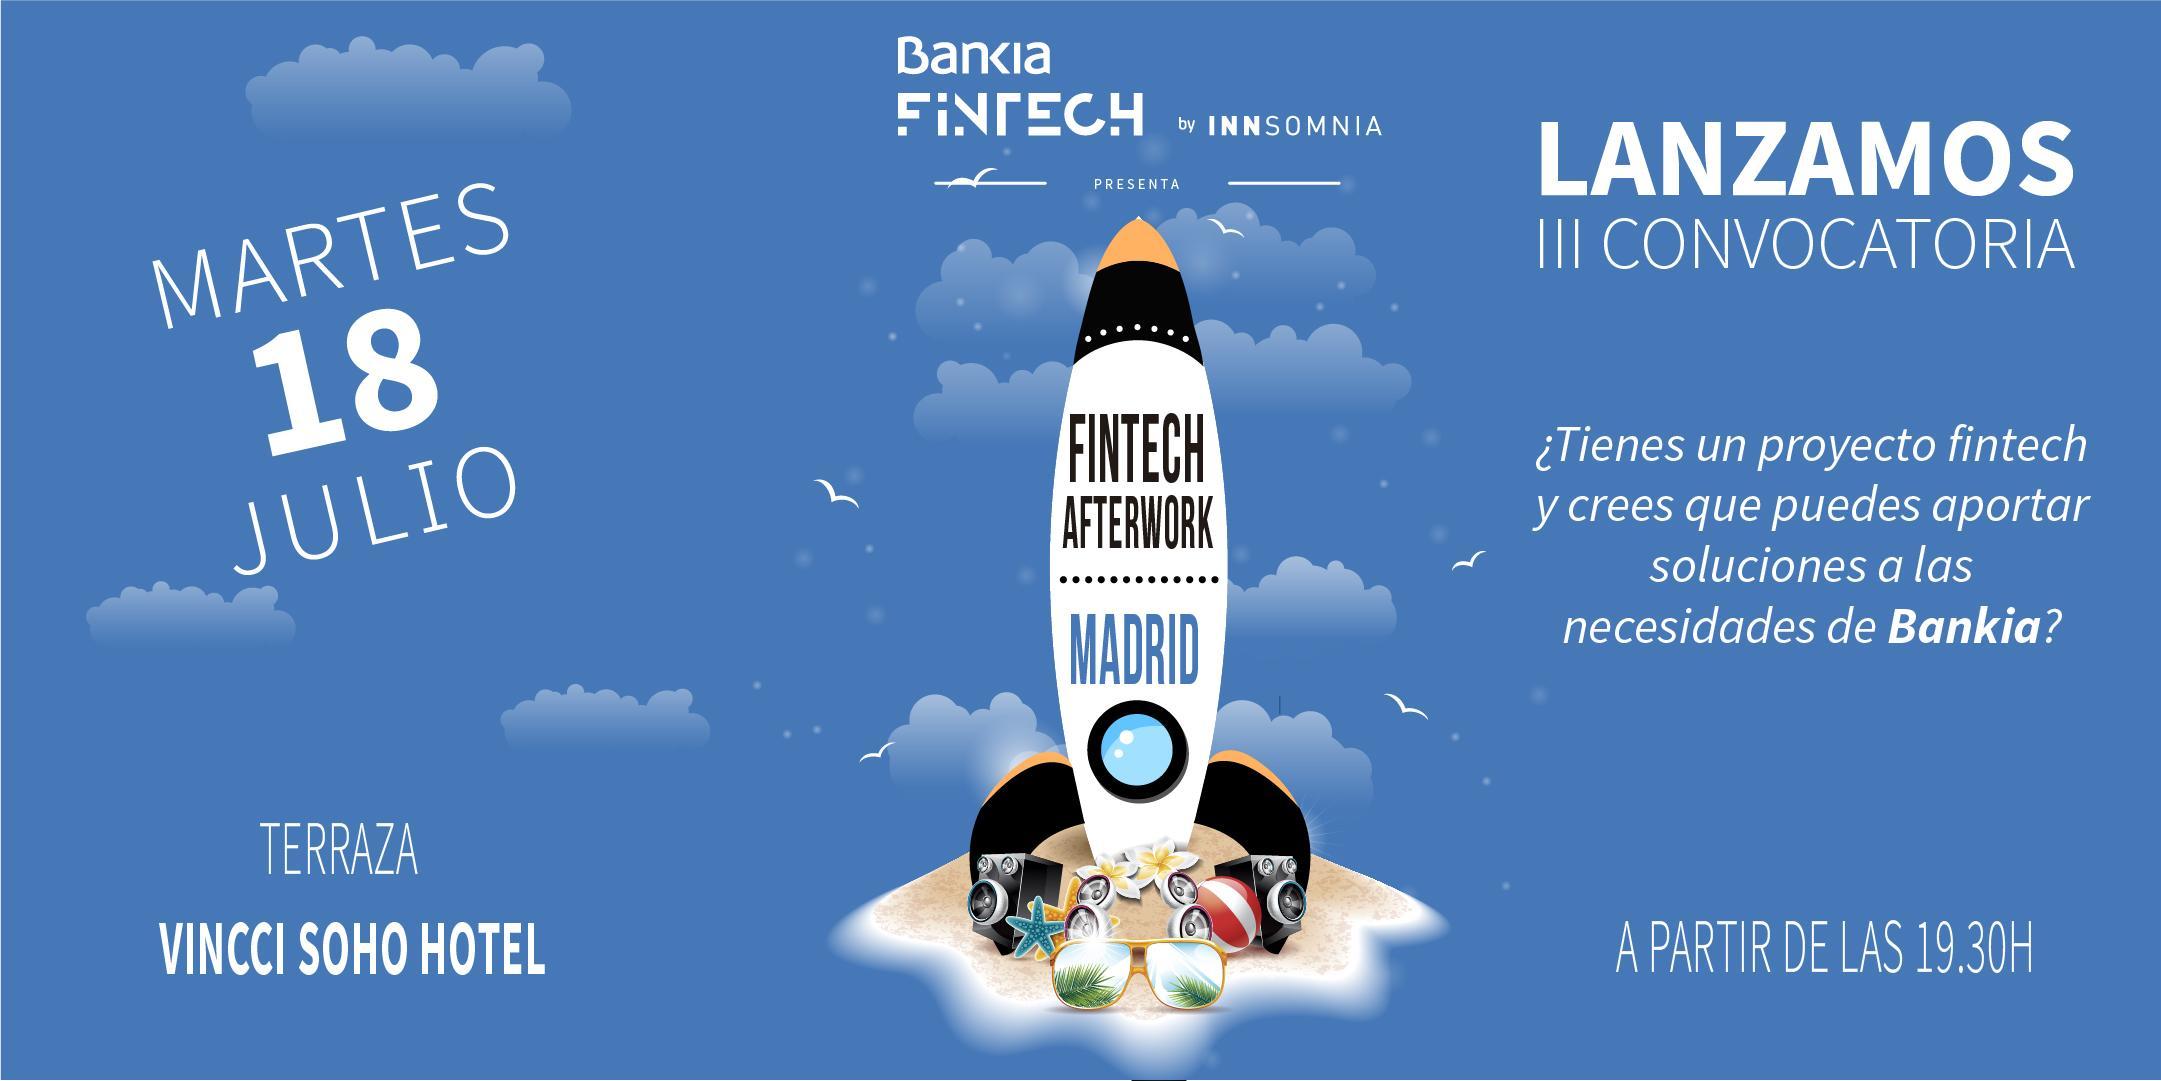 Fintech Afterwork Madrid - Bankia Fintech by Innsomnia.